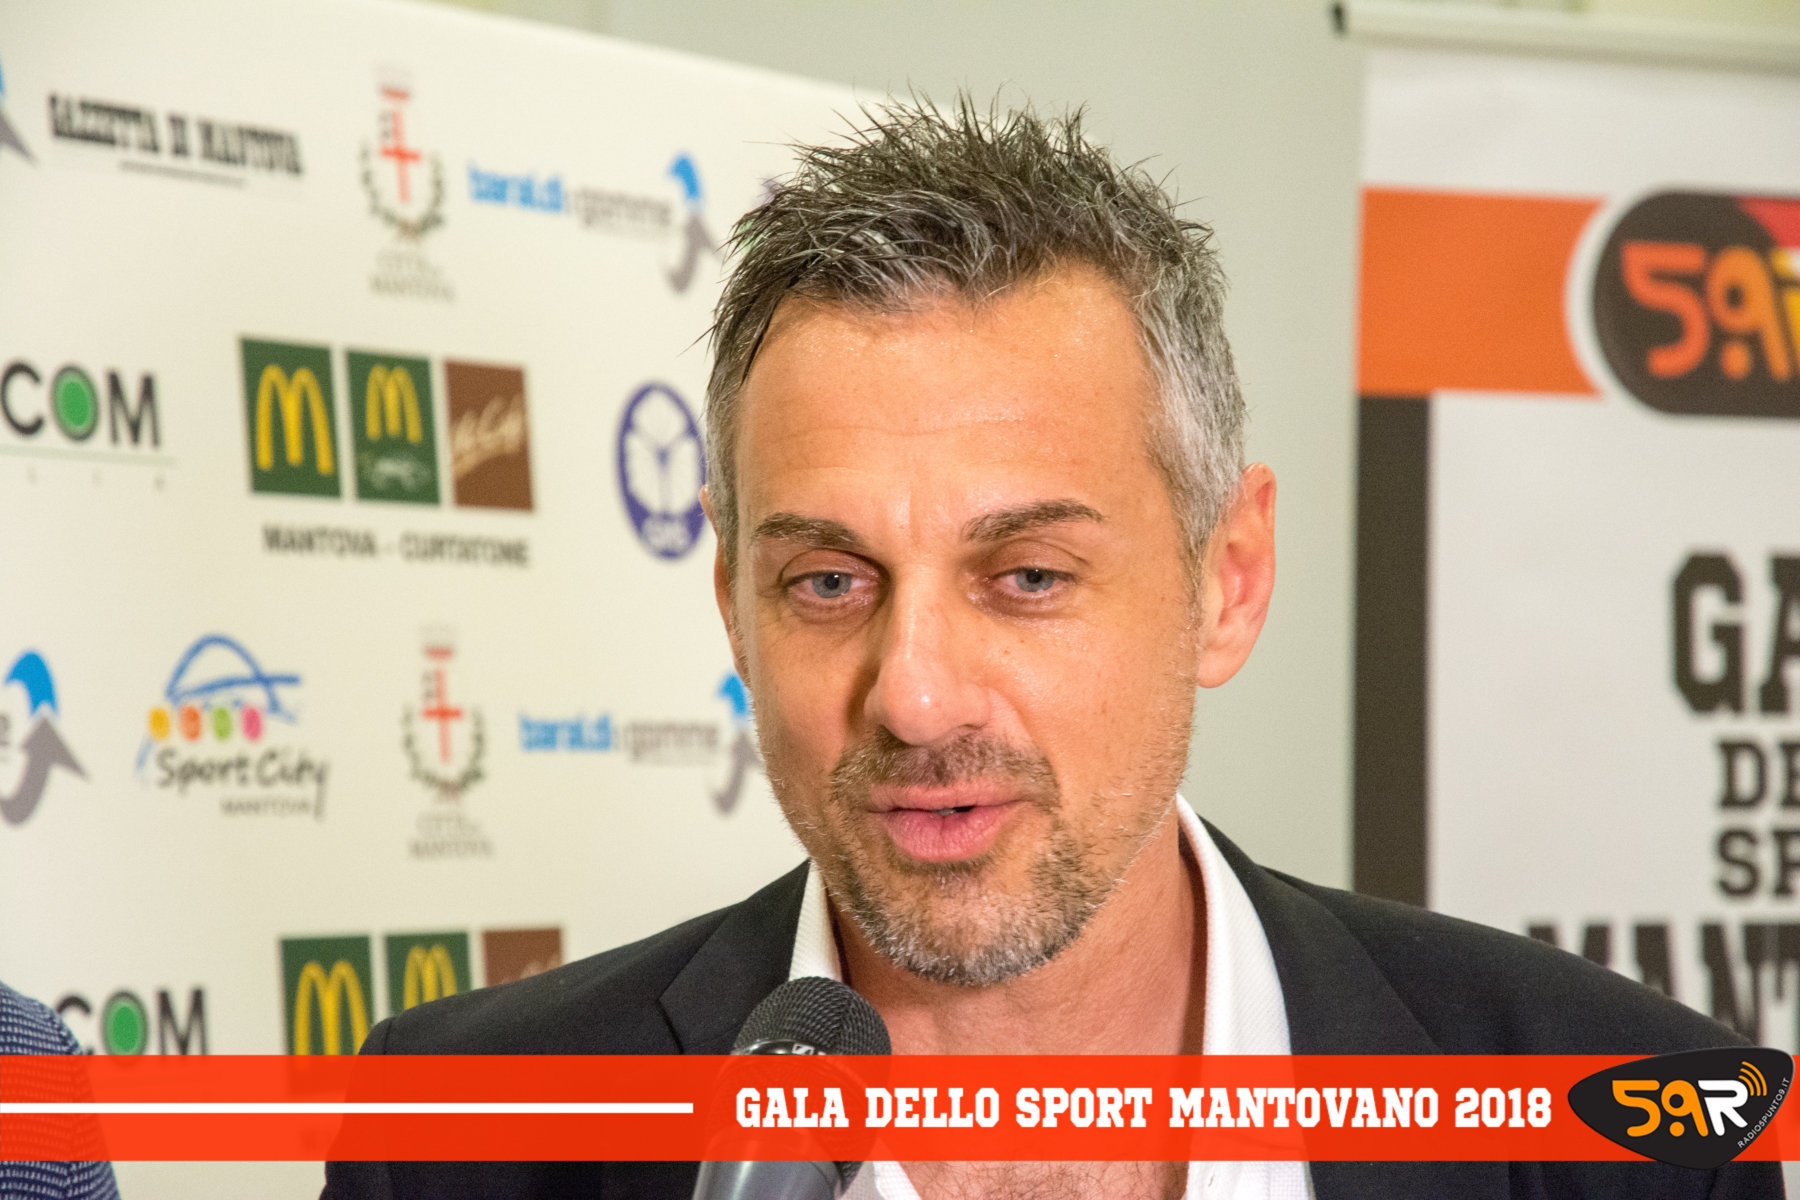 Gala dello Sport Mantovano 2018 Web Radio 5 (47)